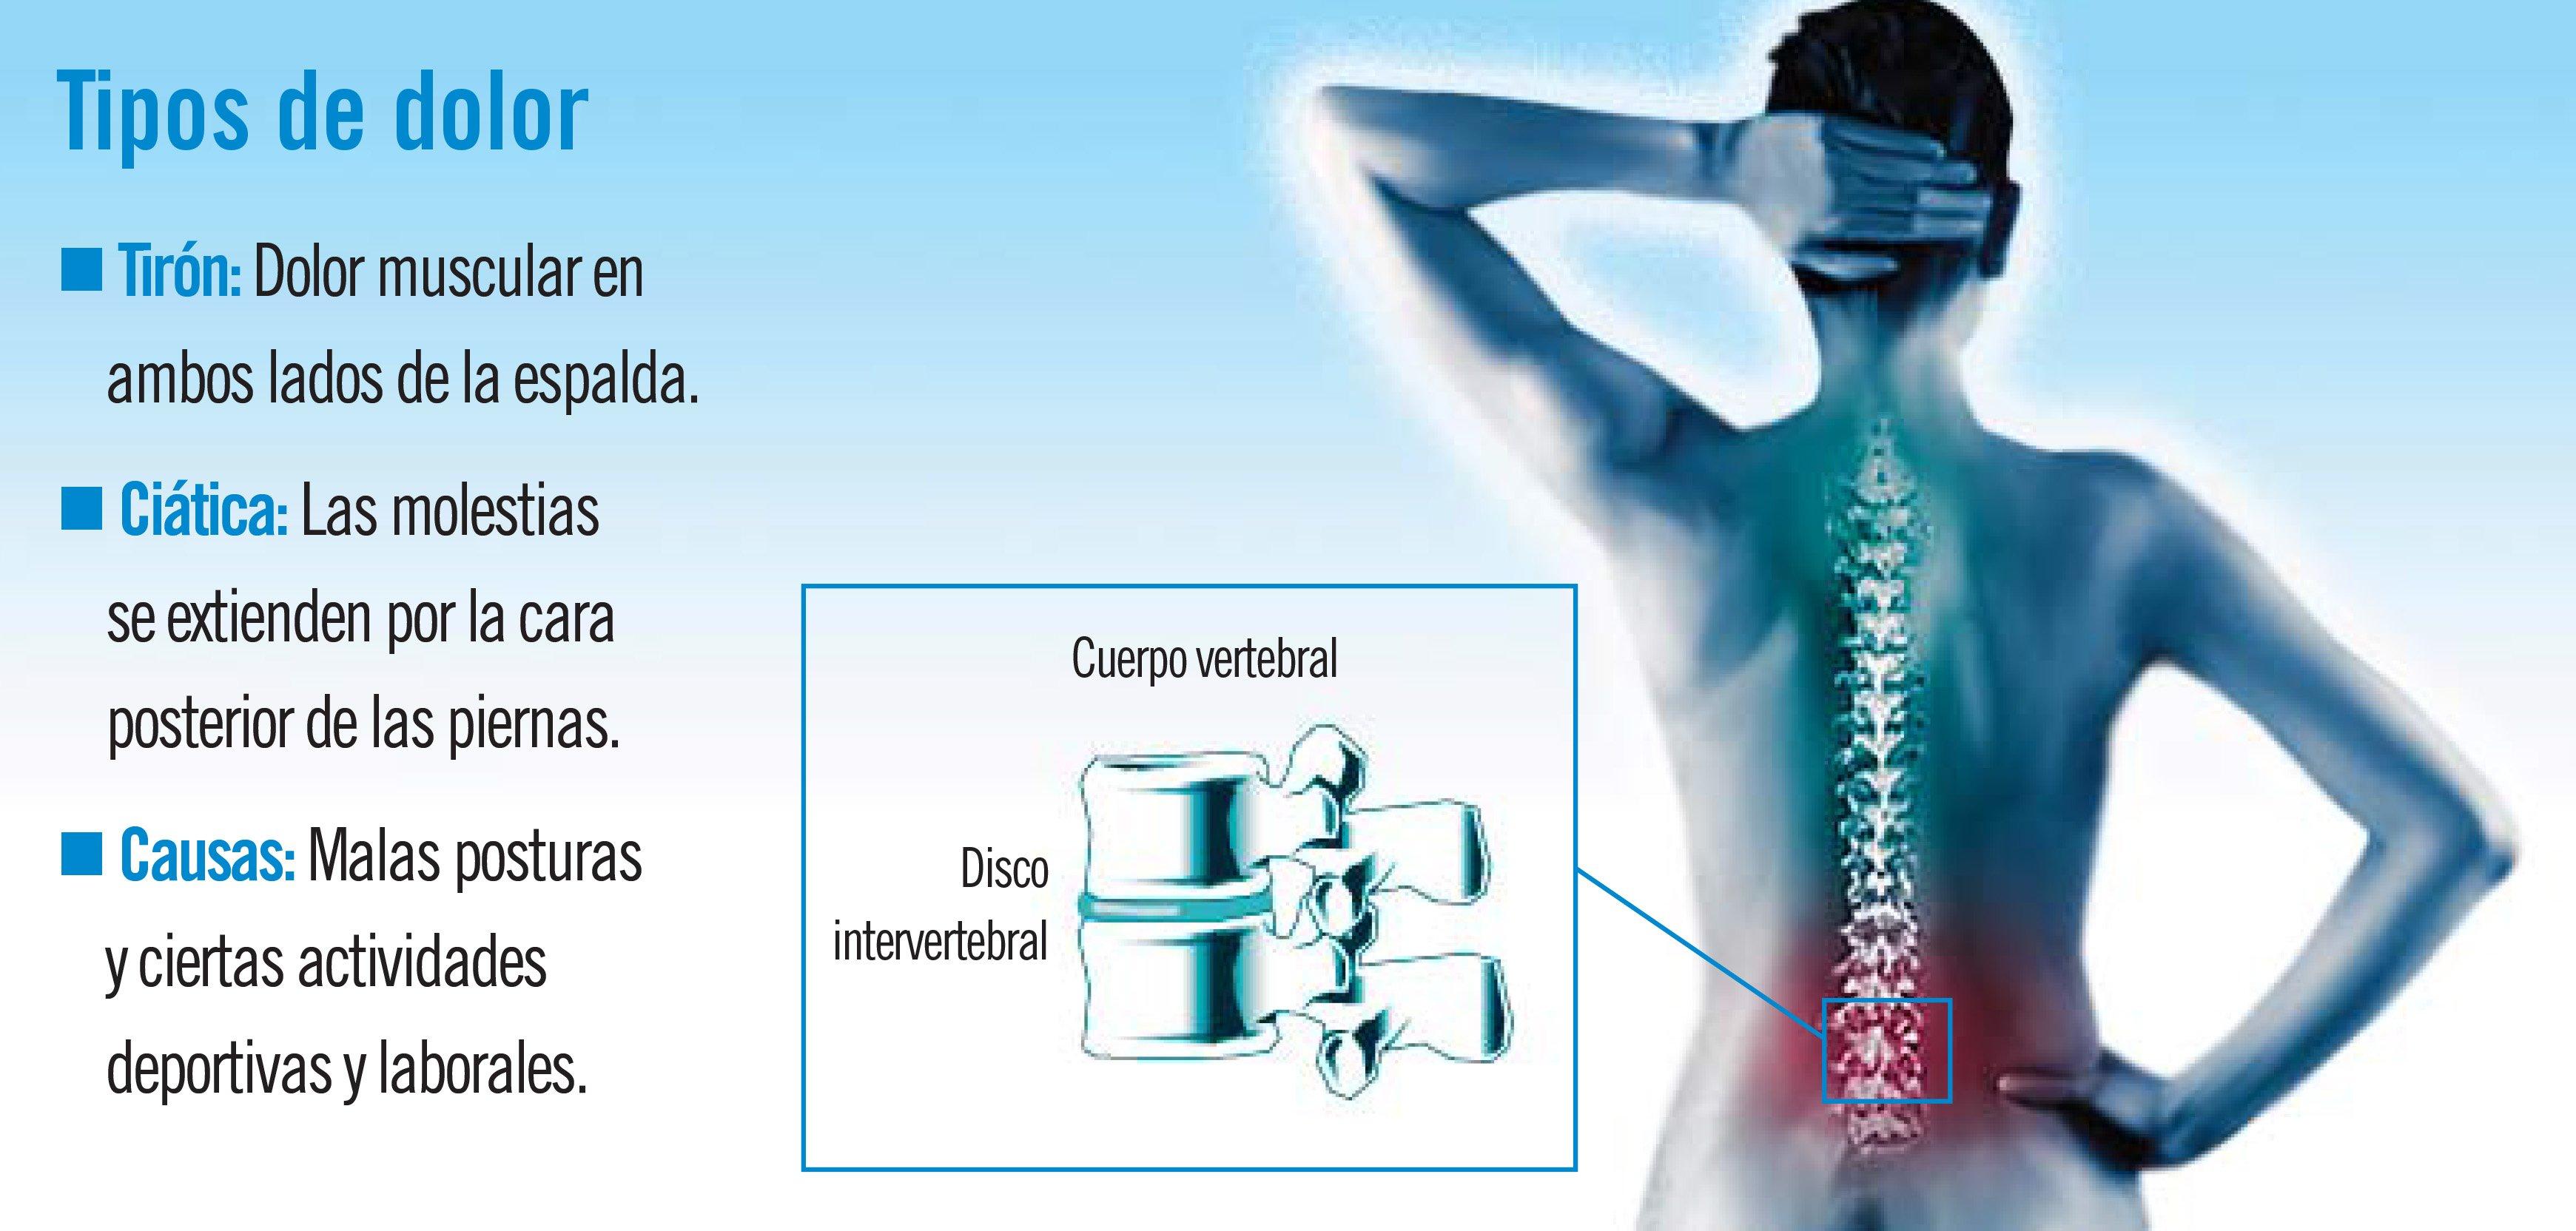 Lumbalgia y ciática: remedios contra el dolor